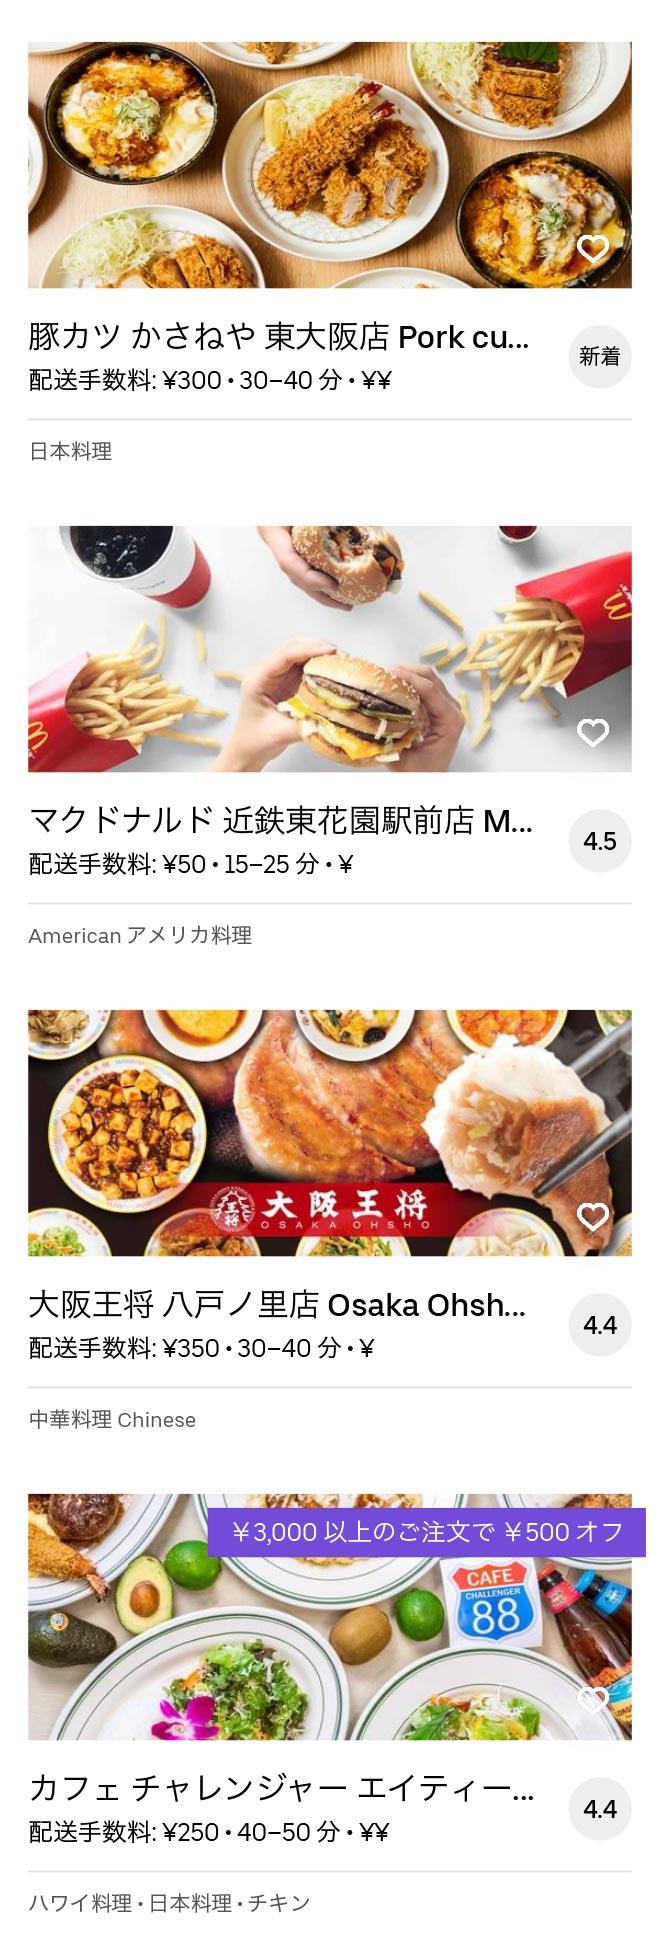 Higashi osaka higashi hanazono menu 2005 07